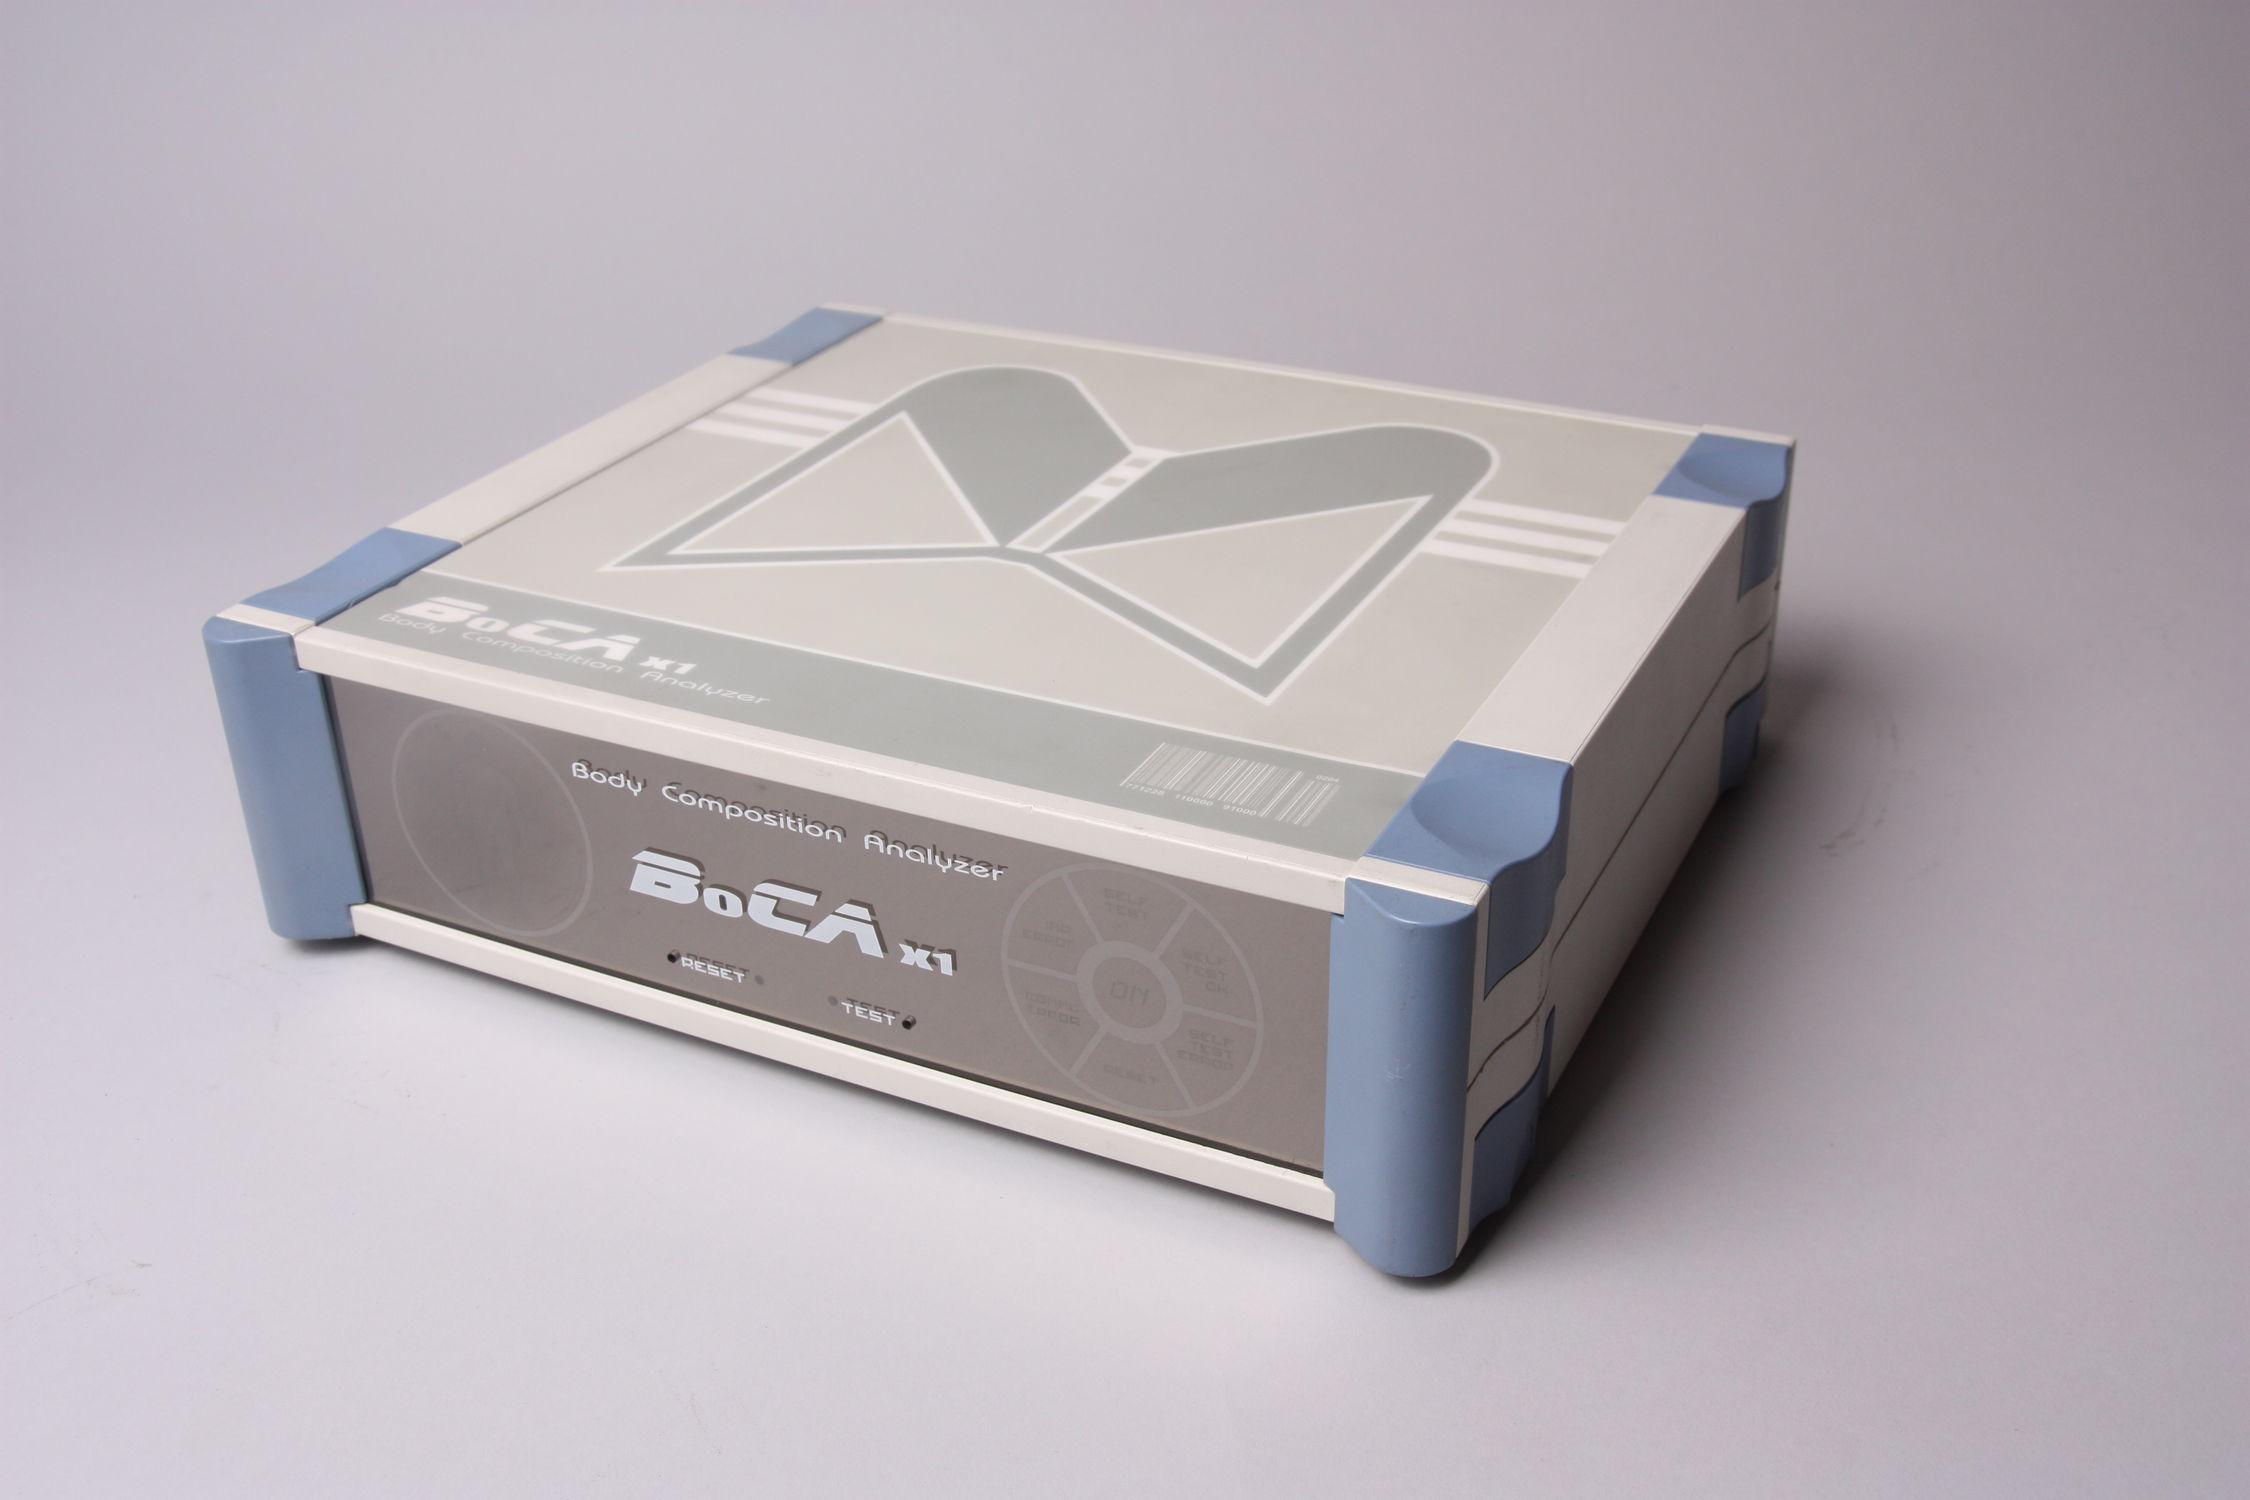 دستگاه بادی کامپوزیشن بوکا مدل X1